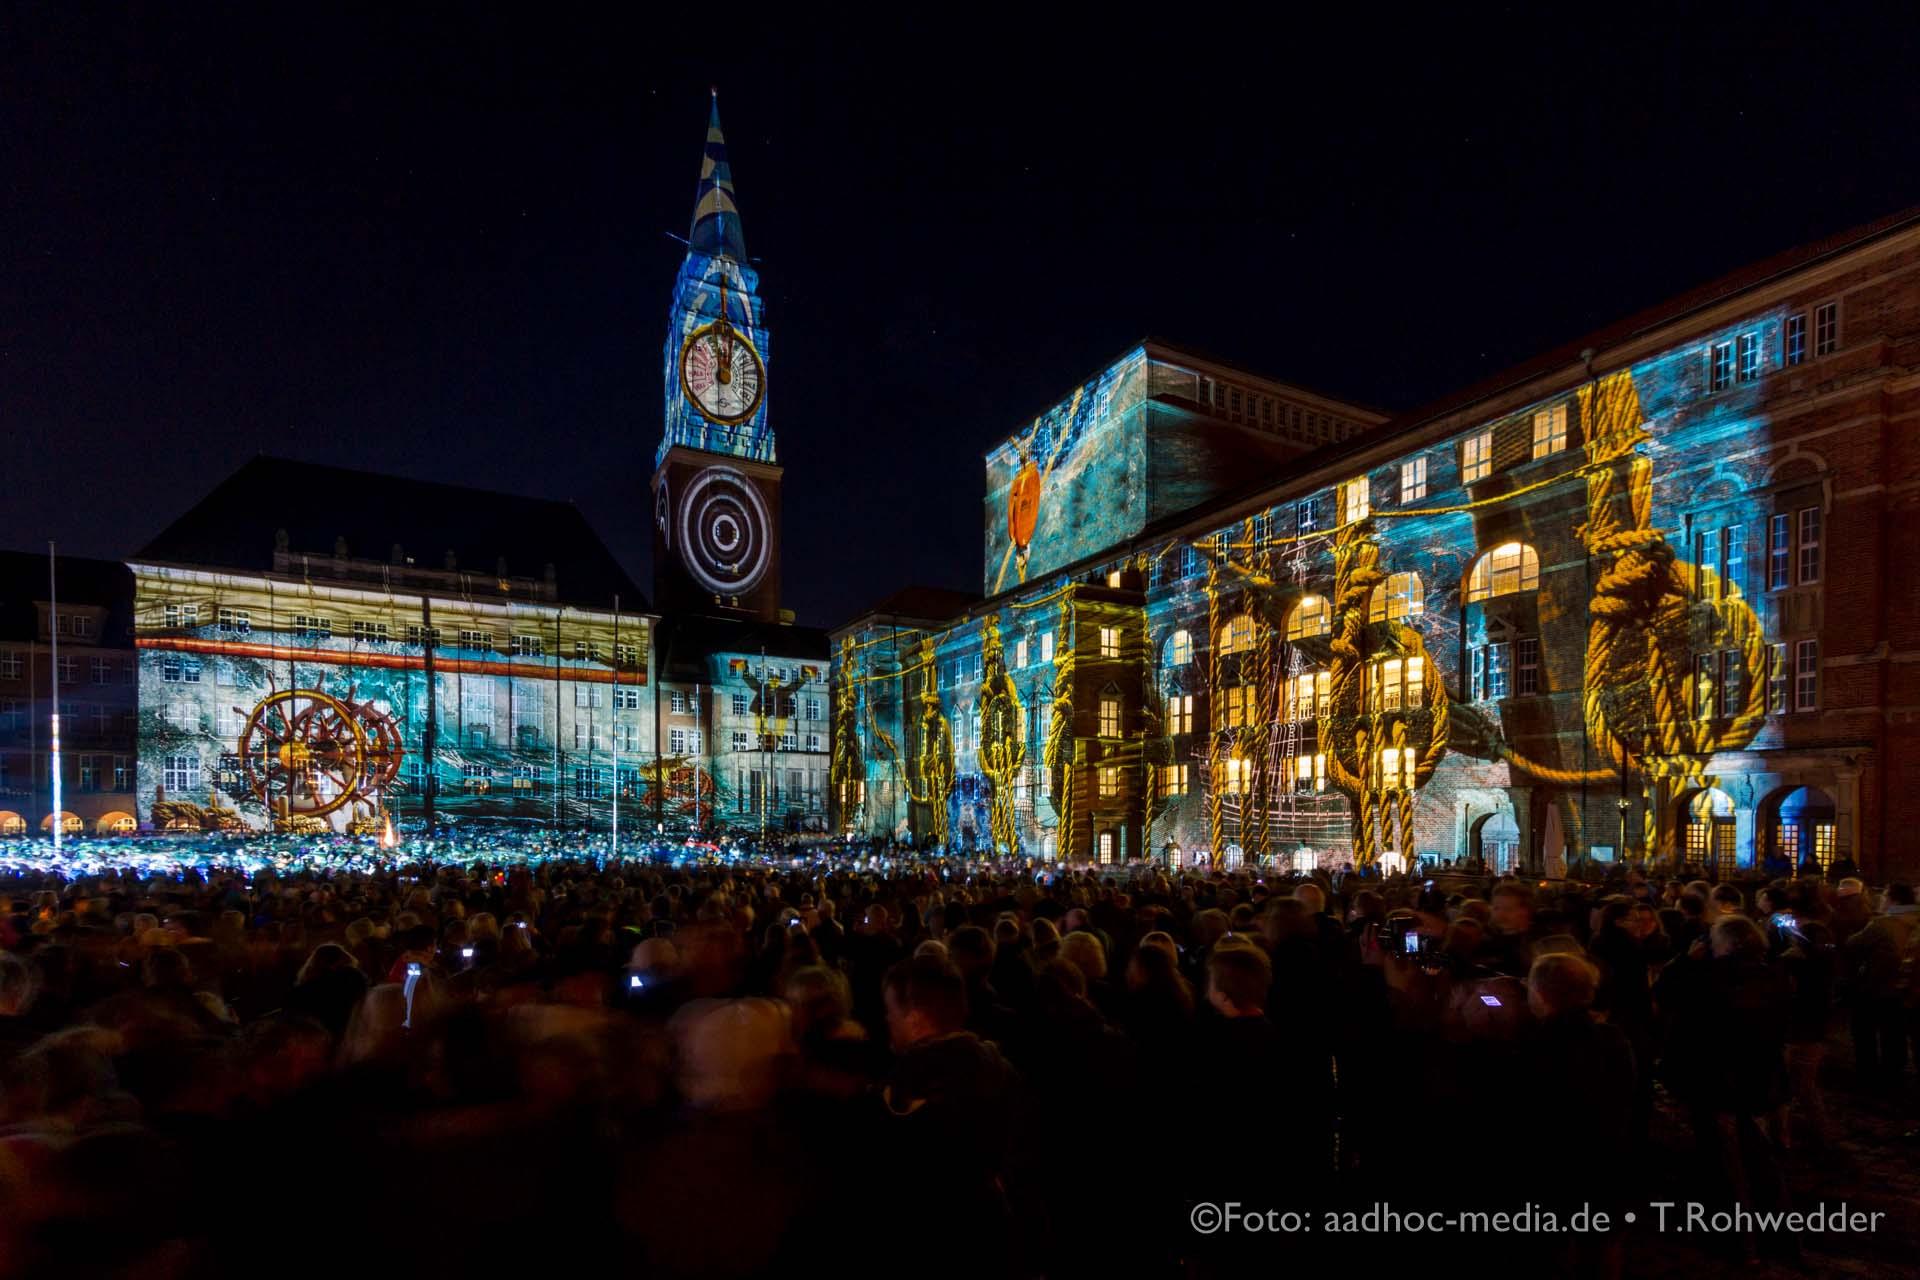 Nach Berlin und vielen anderen Metropolen gibt es das Festival of Lights jetzt auch in Kiel.